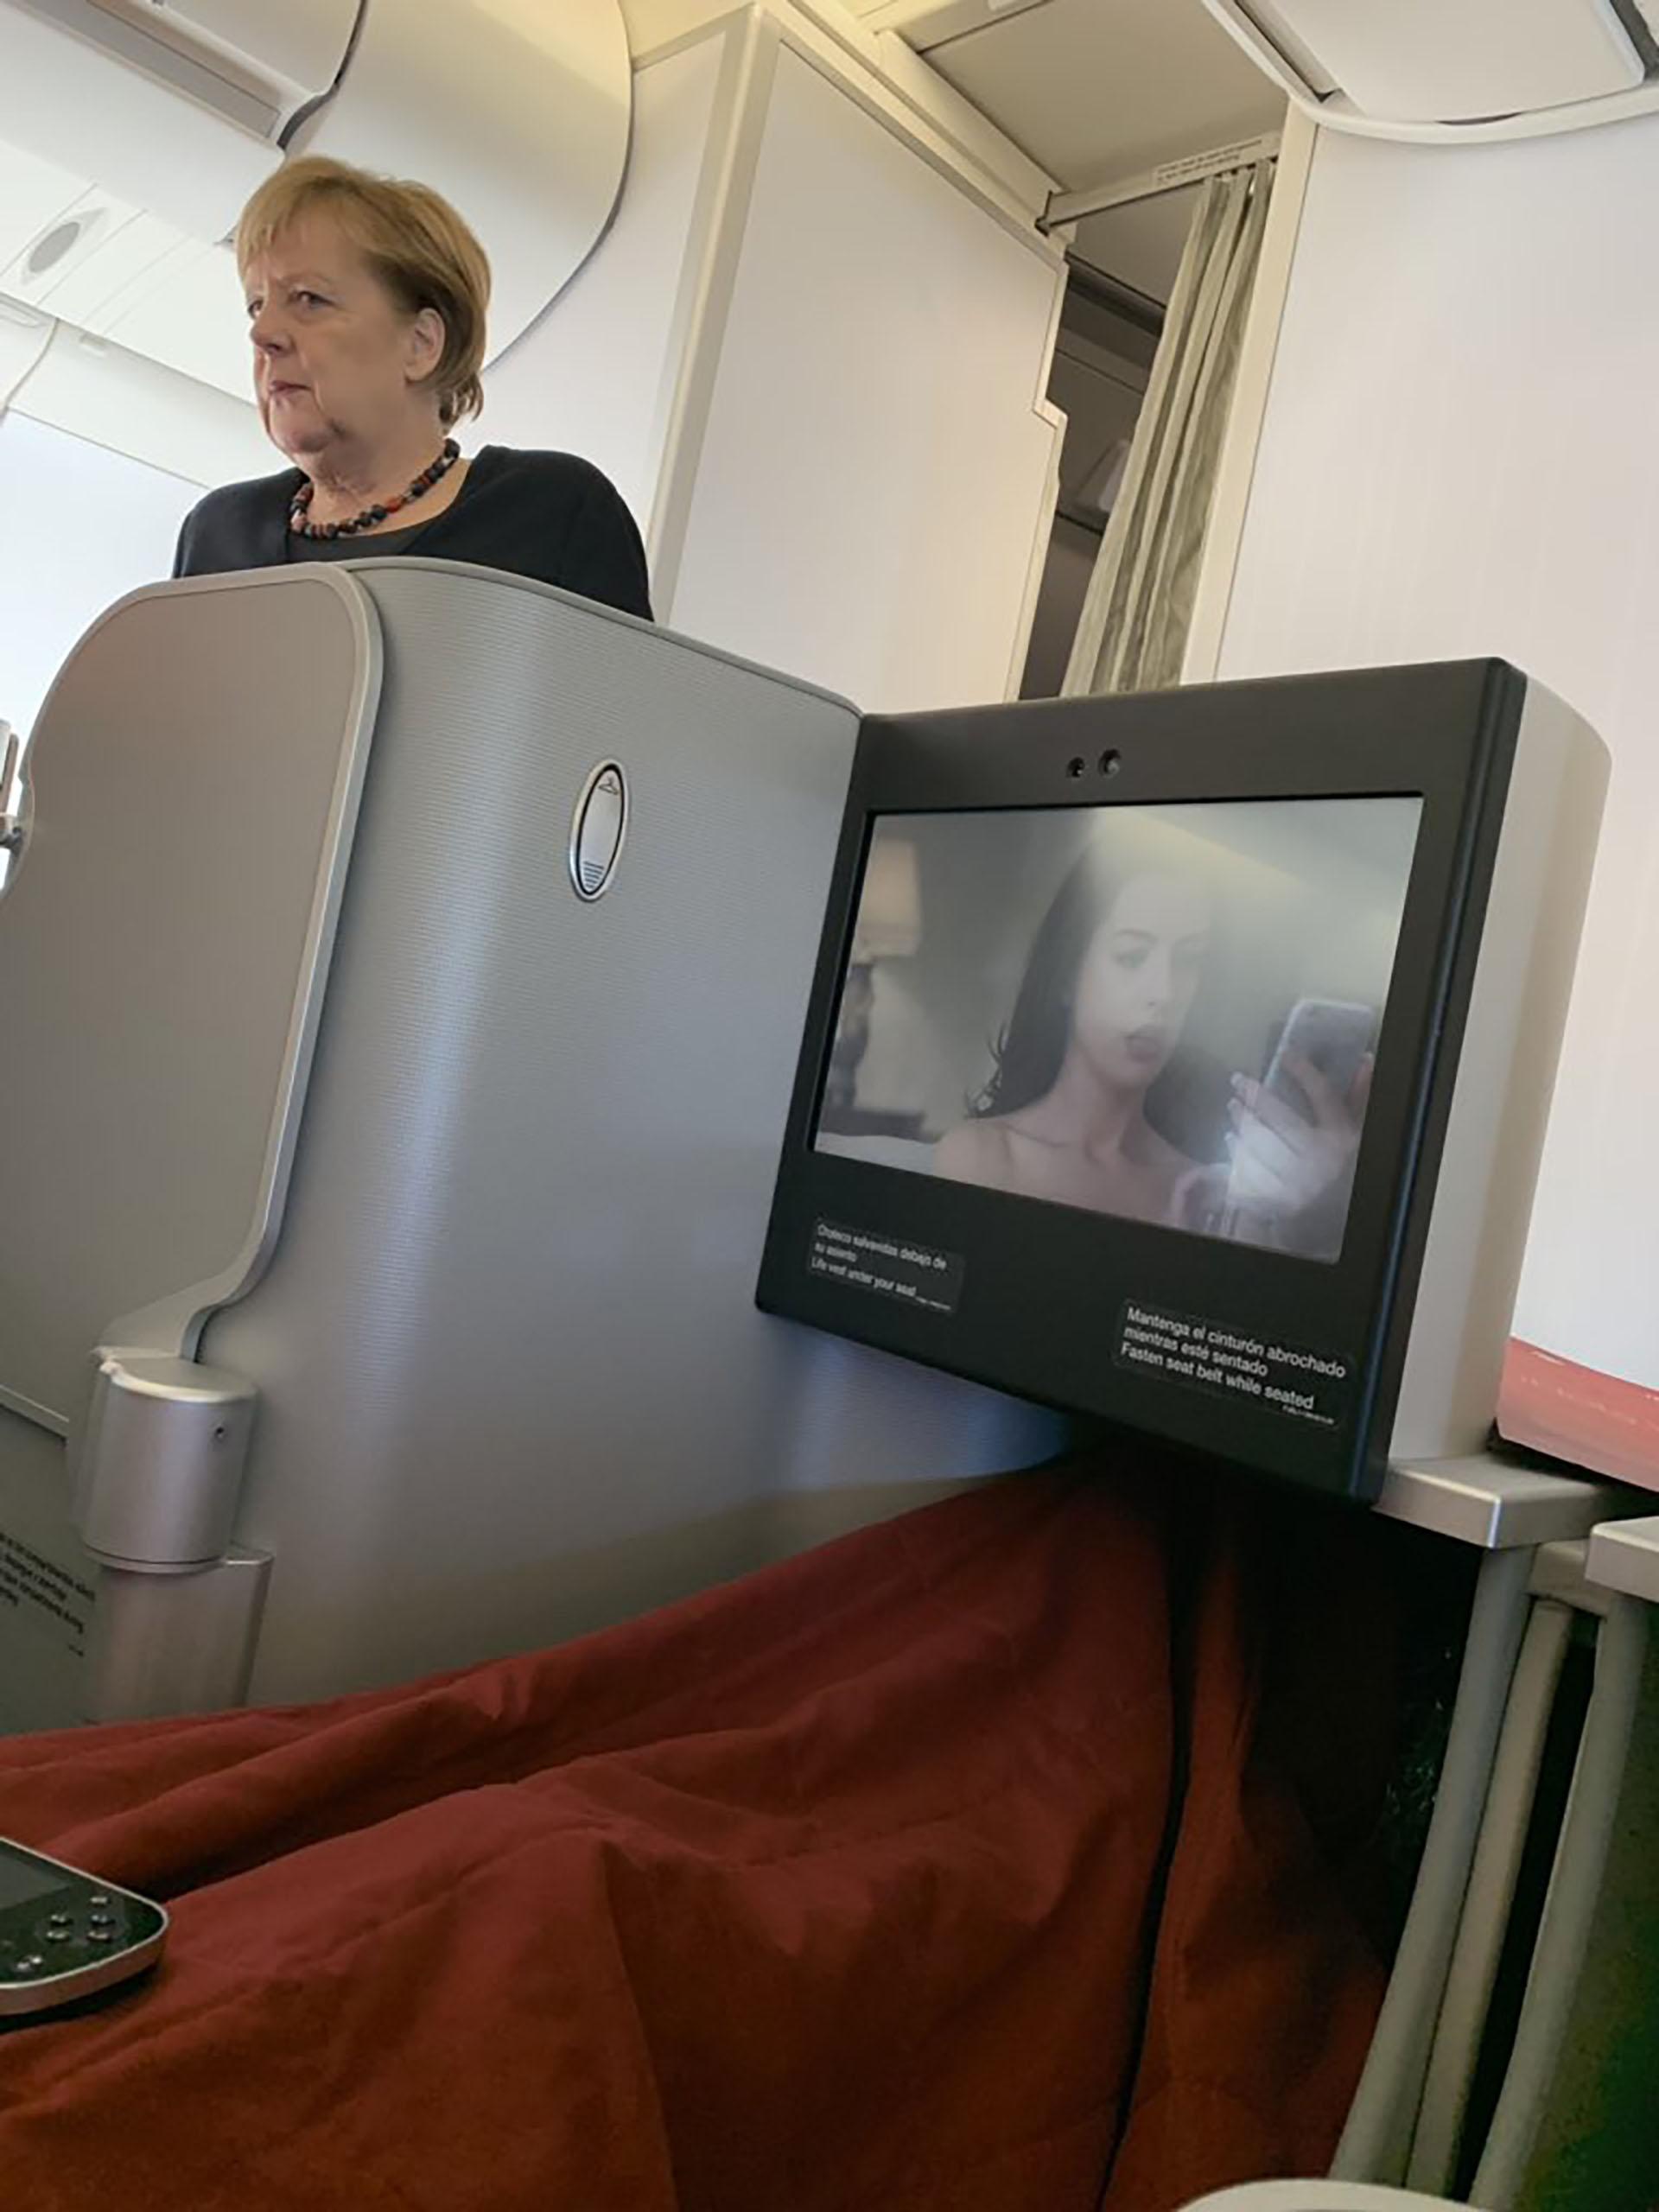 La canciller alemana, Angela Merkel, en el vuelo de Iberia que la traslada a Buenos Aires (Twitter: @AGUSAGUERO20)